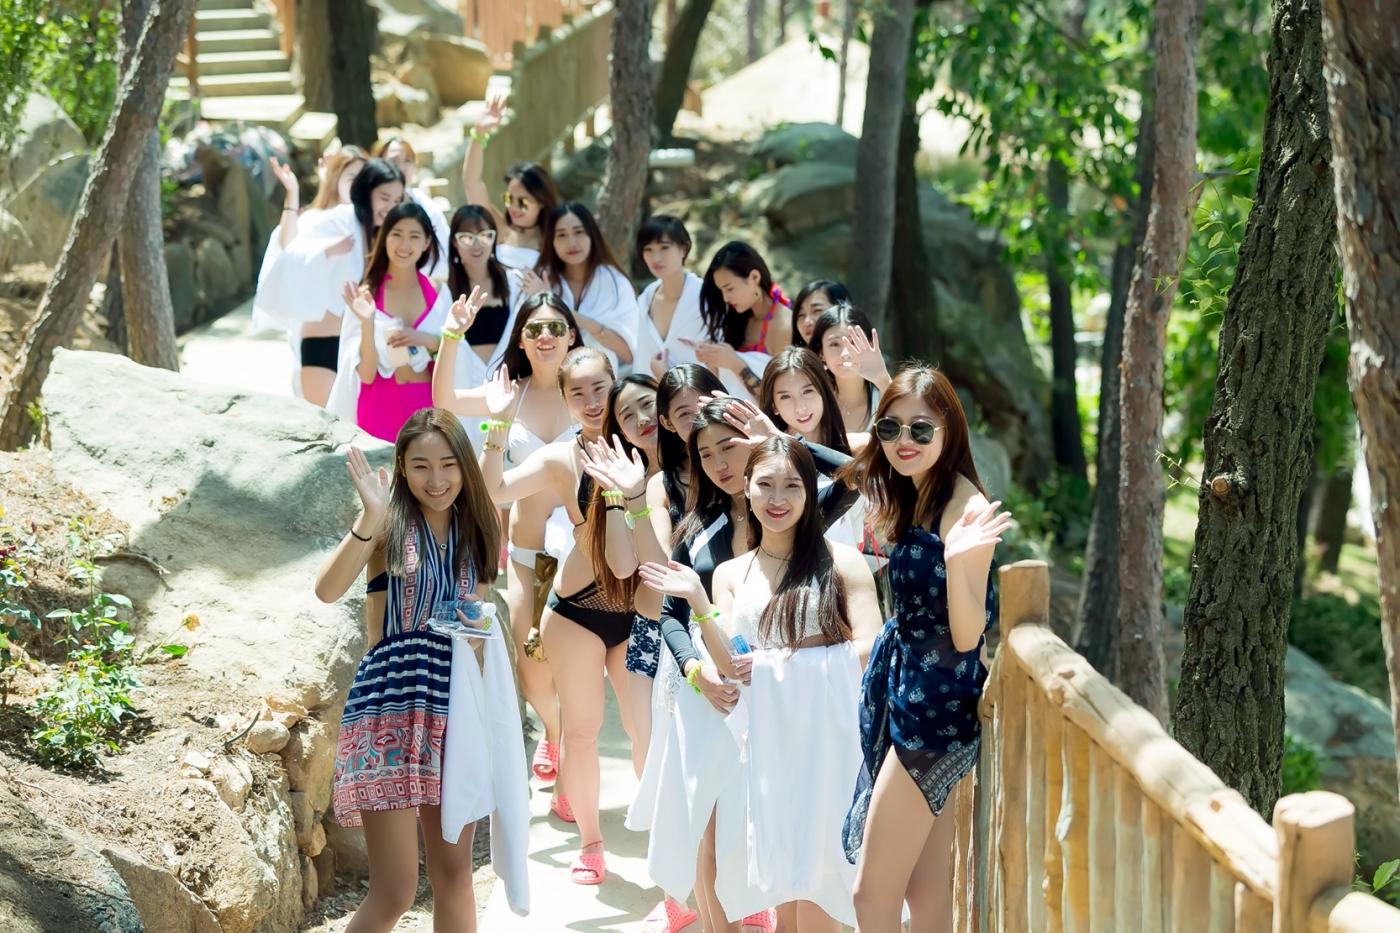 在临沂蒙山康谷温泉 与22位泳装女孩相遇在这里_图1-23